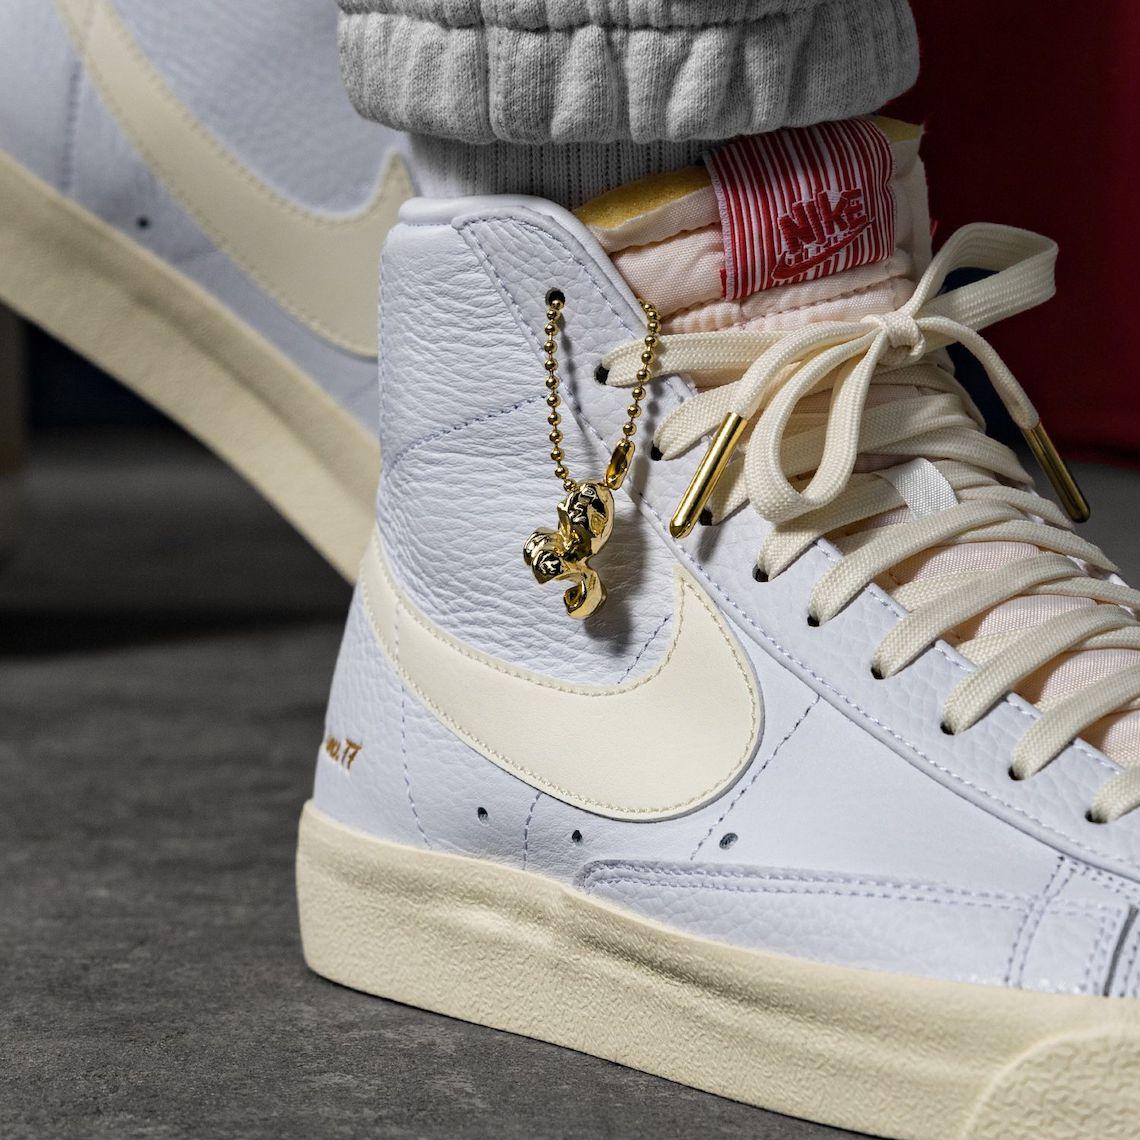 Nike-Blazer-Popcorn-CW6421-100-2.jpg?w=1140